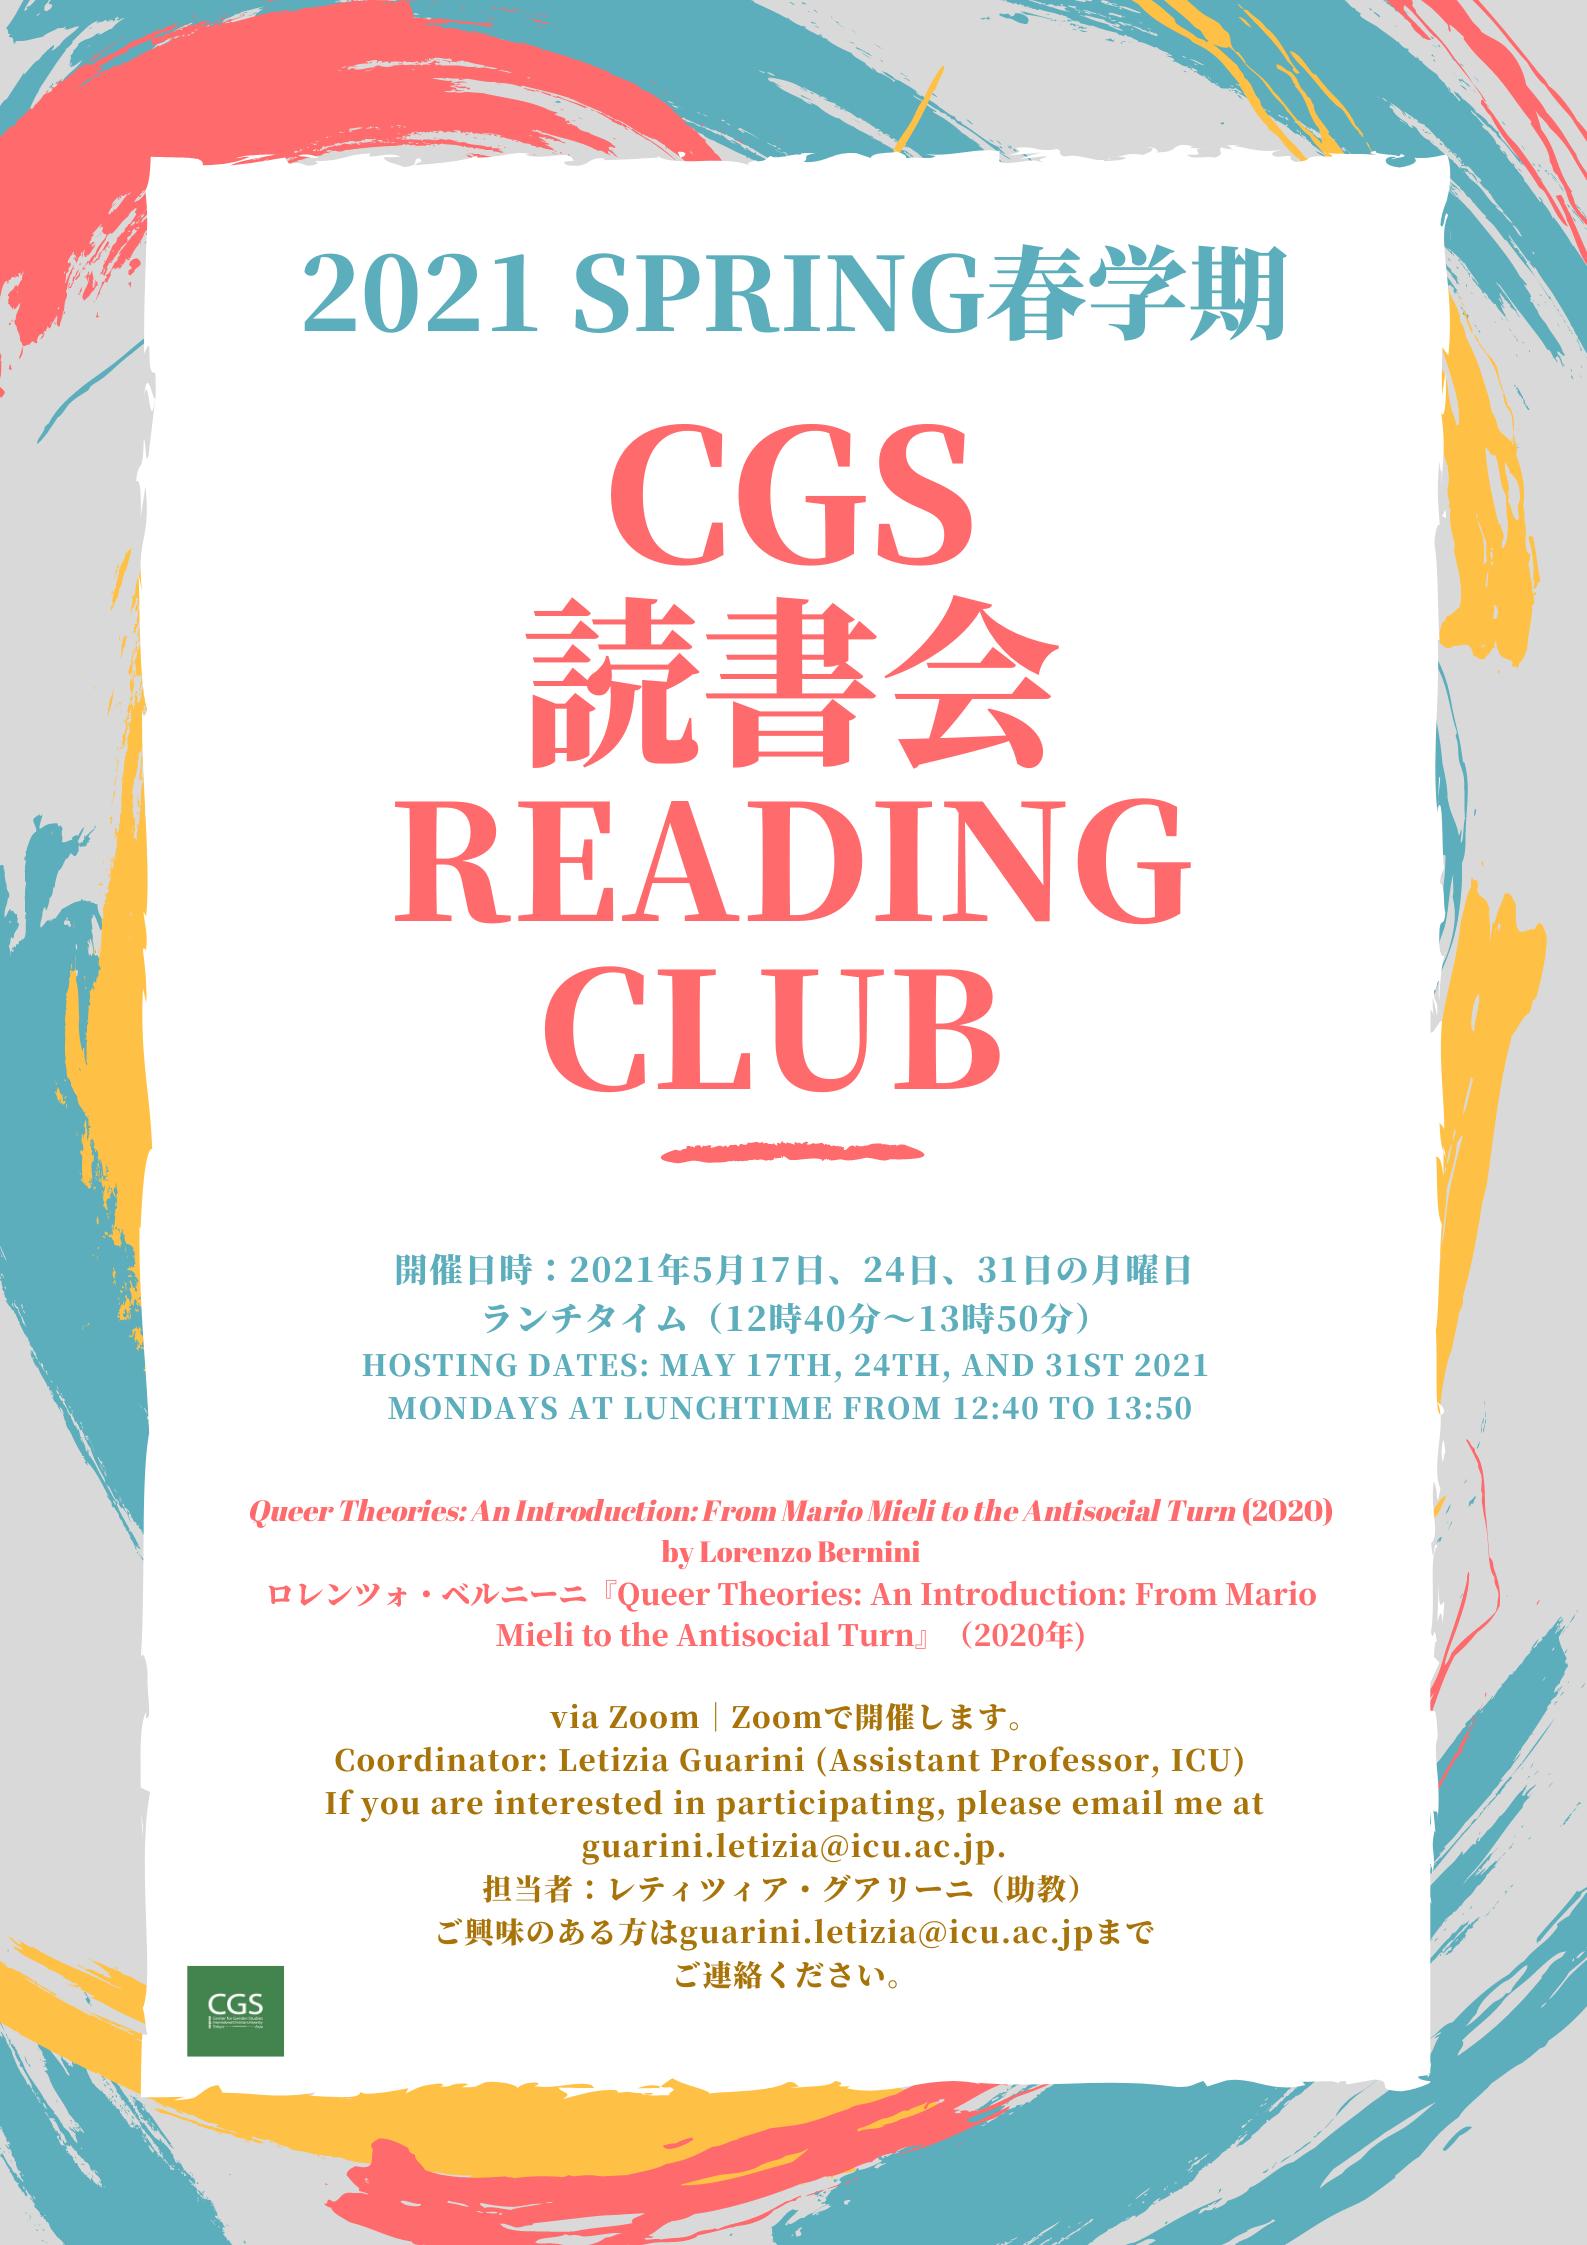 CGS 読書会QUEER0430 (1).png